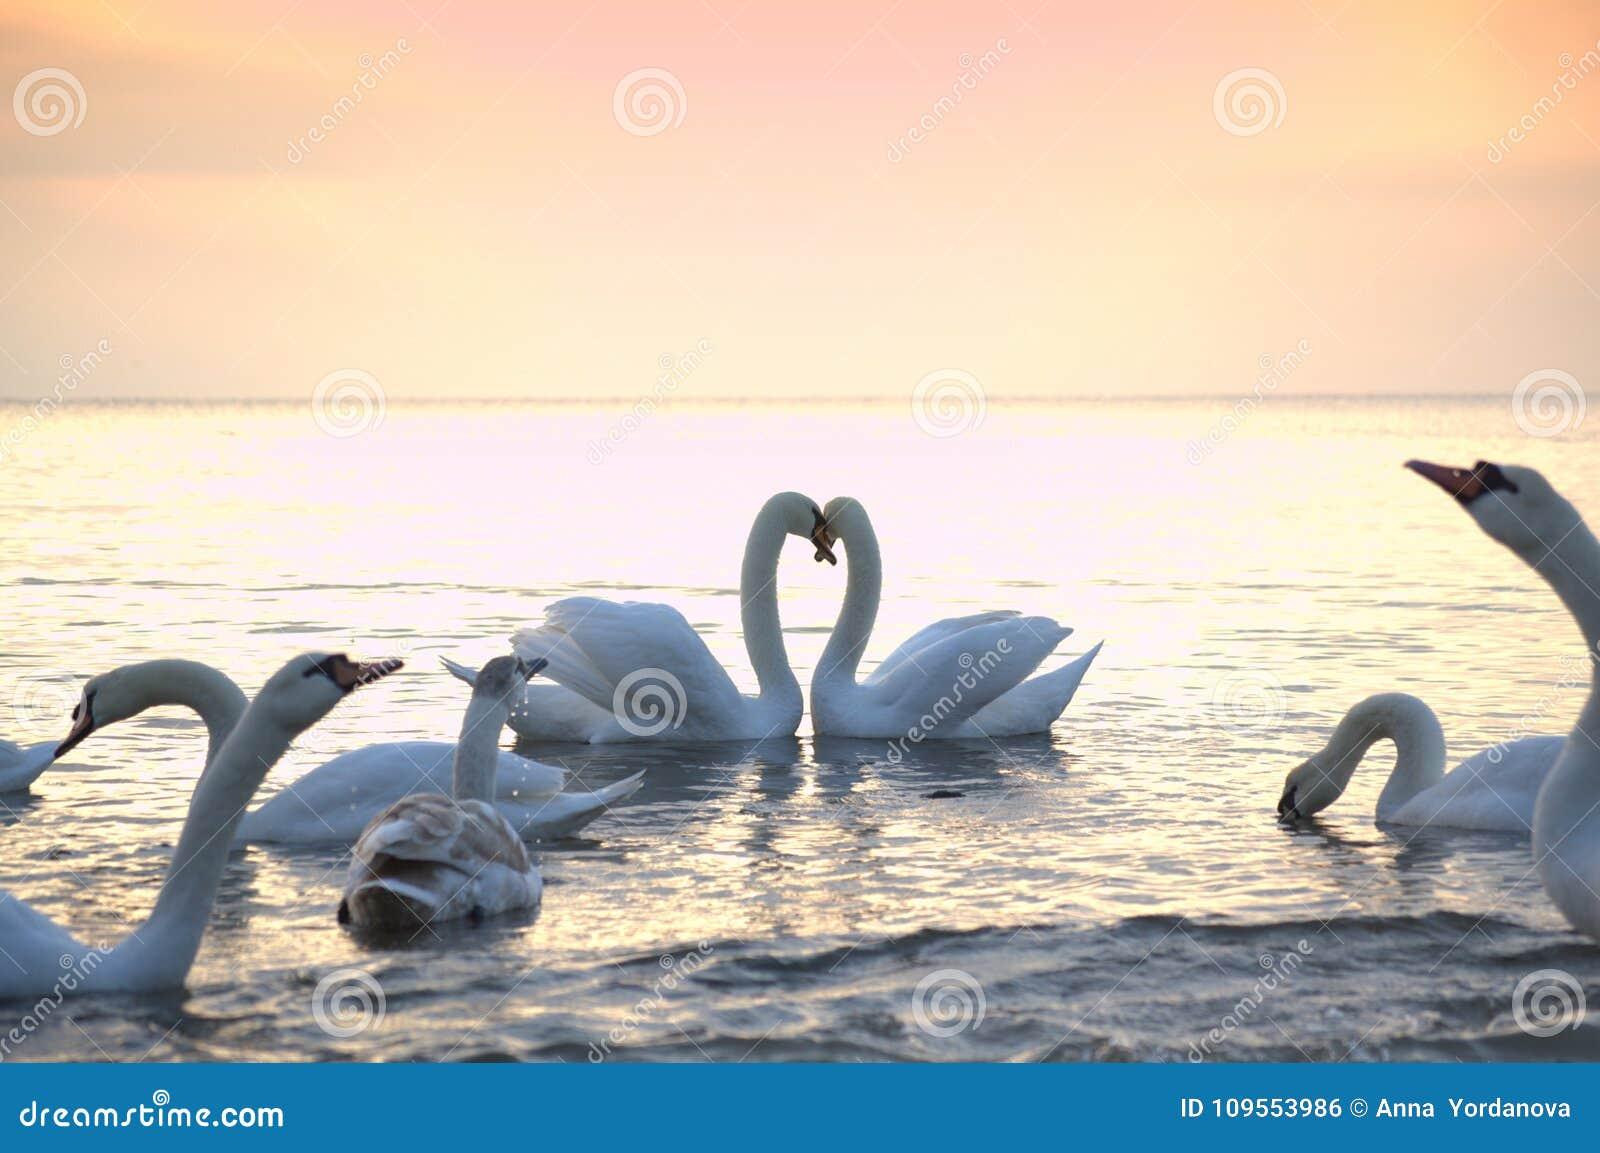 Romantische paar en zwanentroep in ochtendoverzees